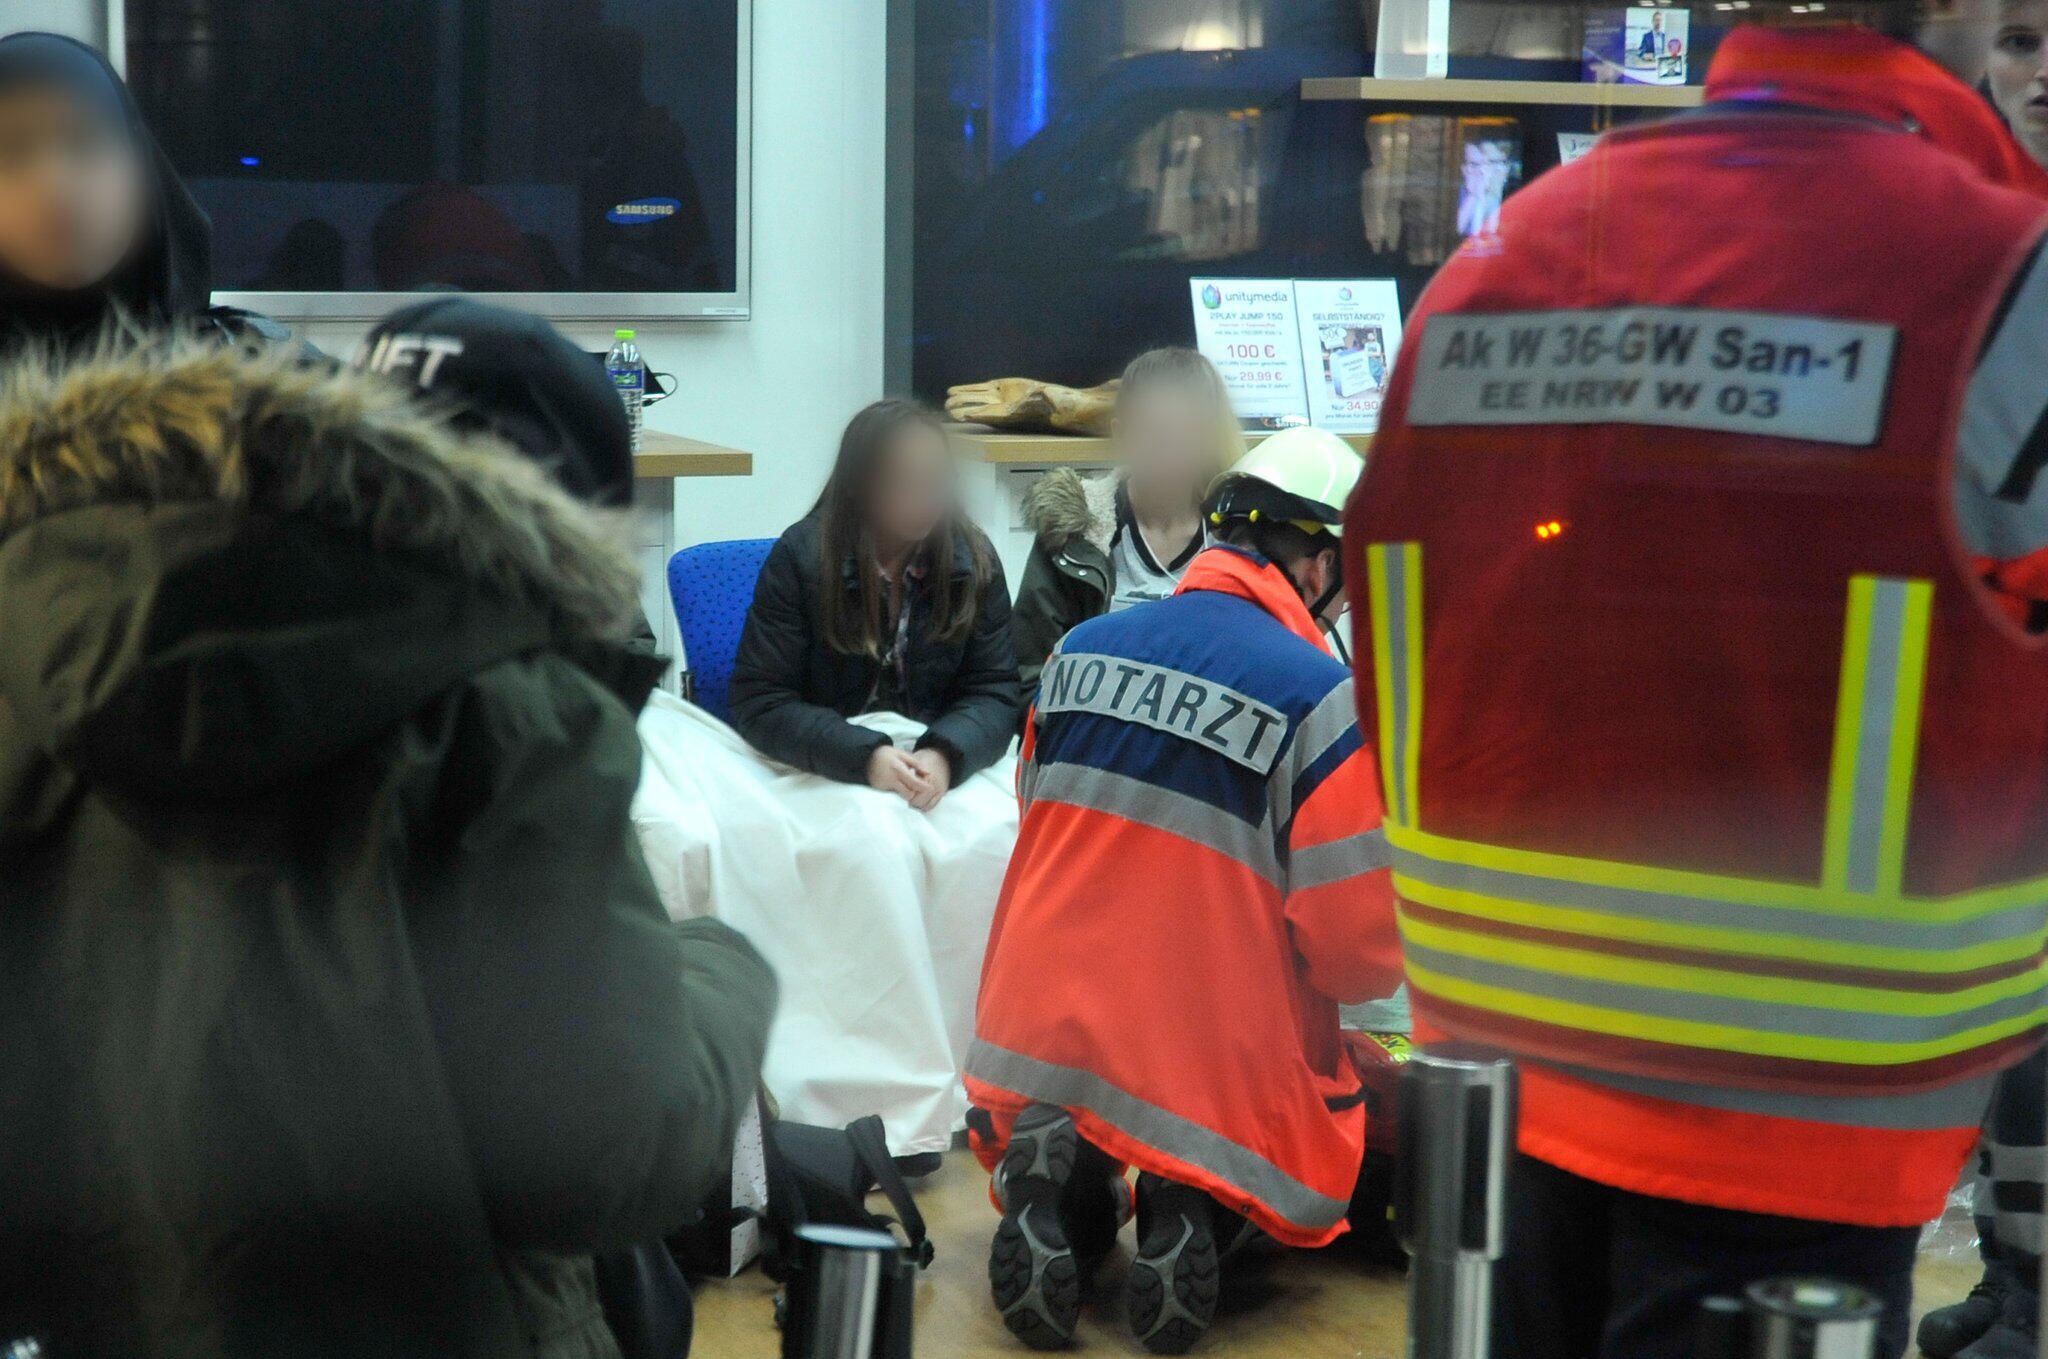 Bild zu Verletzte bei Autogrammstunde in Wuppertal